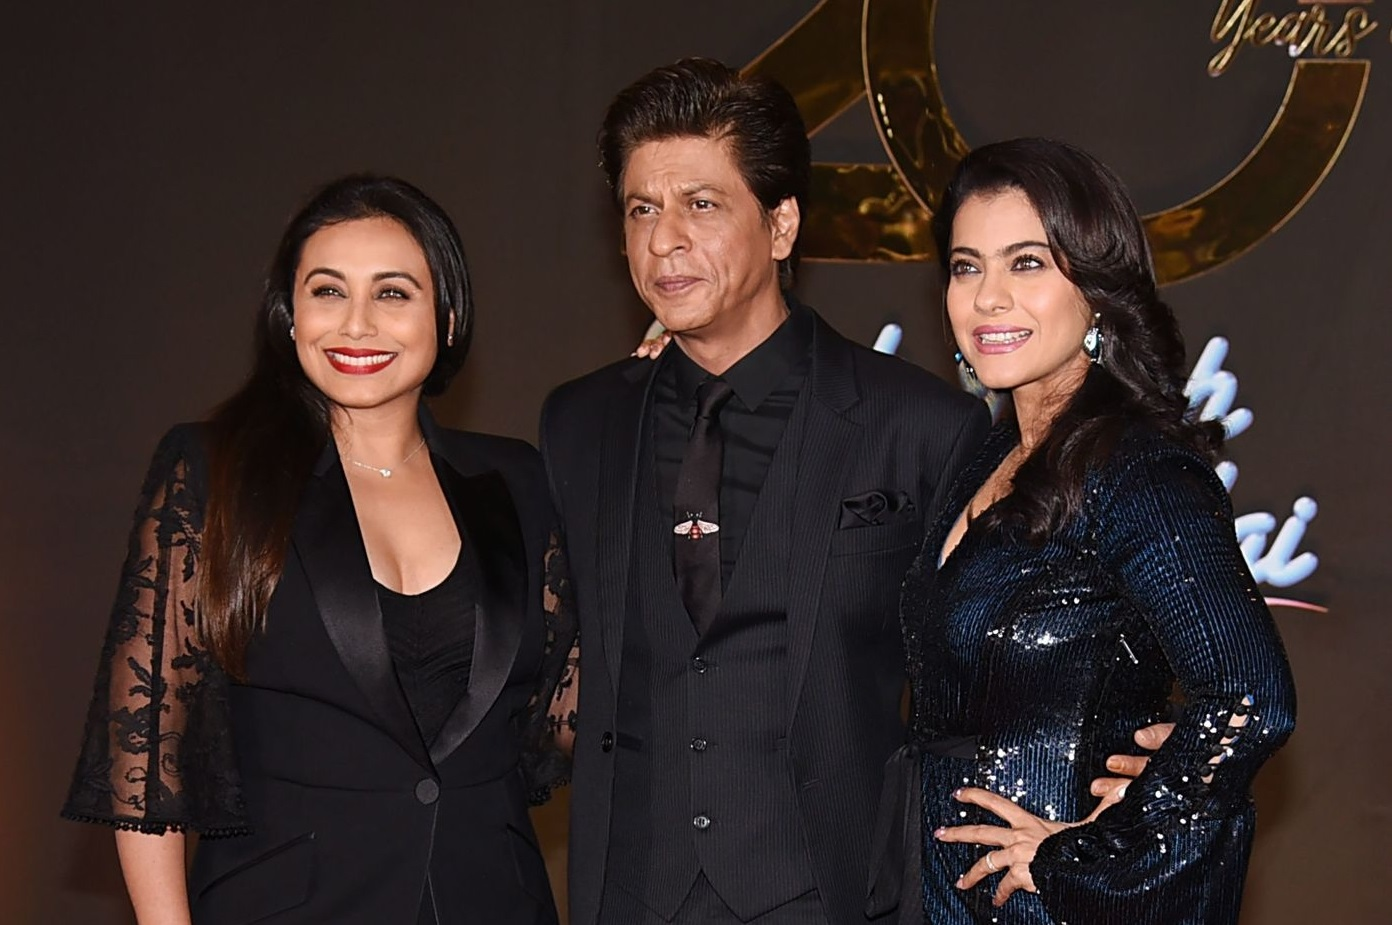 Rani Mukerji, Shah Rukh Khan, Kajol (Photo by SUJIT JAISWAL/AFP via Getty Images)